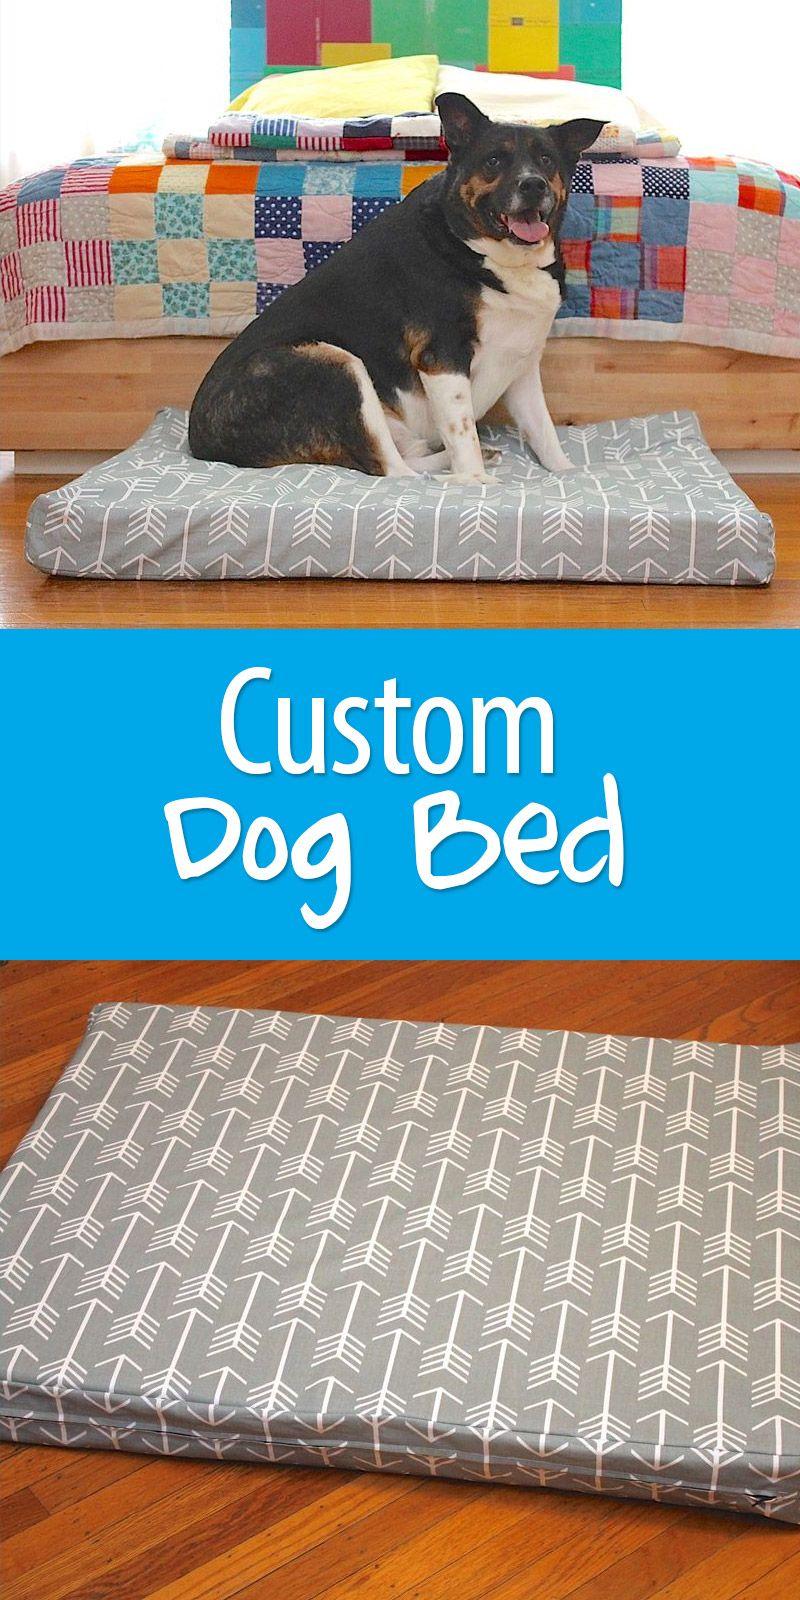 Custom Dog Bed Custom dog beds, Diy dog bed, Dog bed